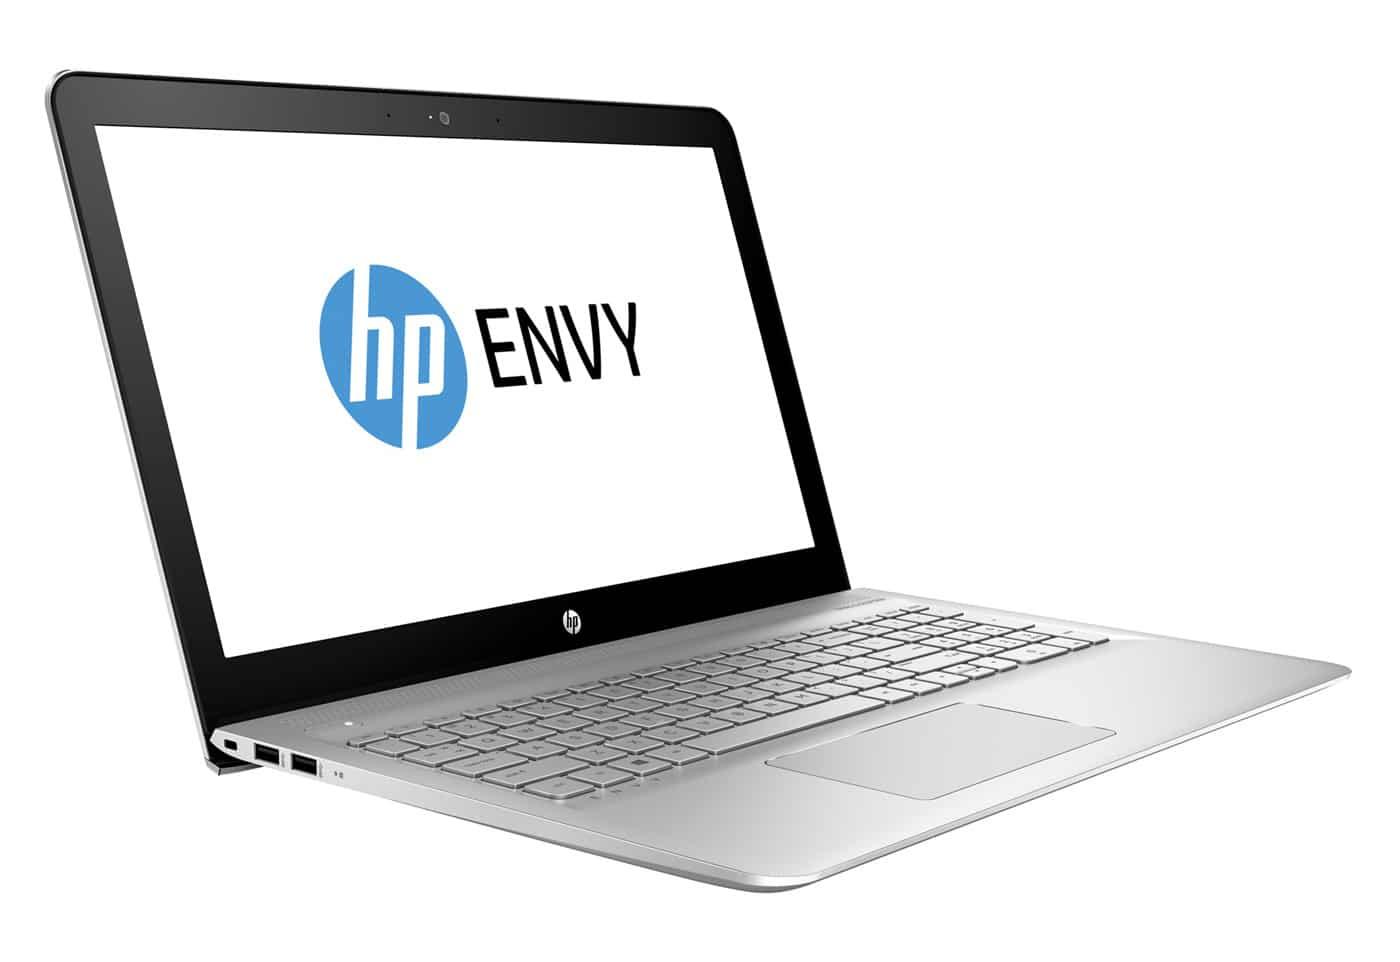 Revue de presse des tests publiés sur le Web (HP Envy 15-as1)